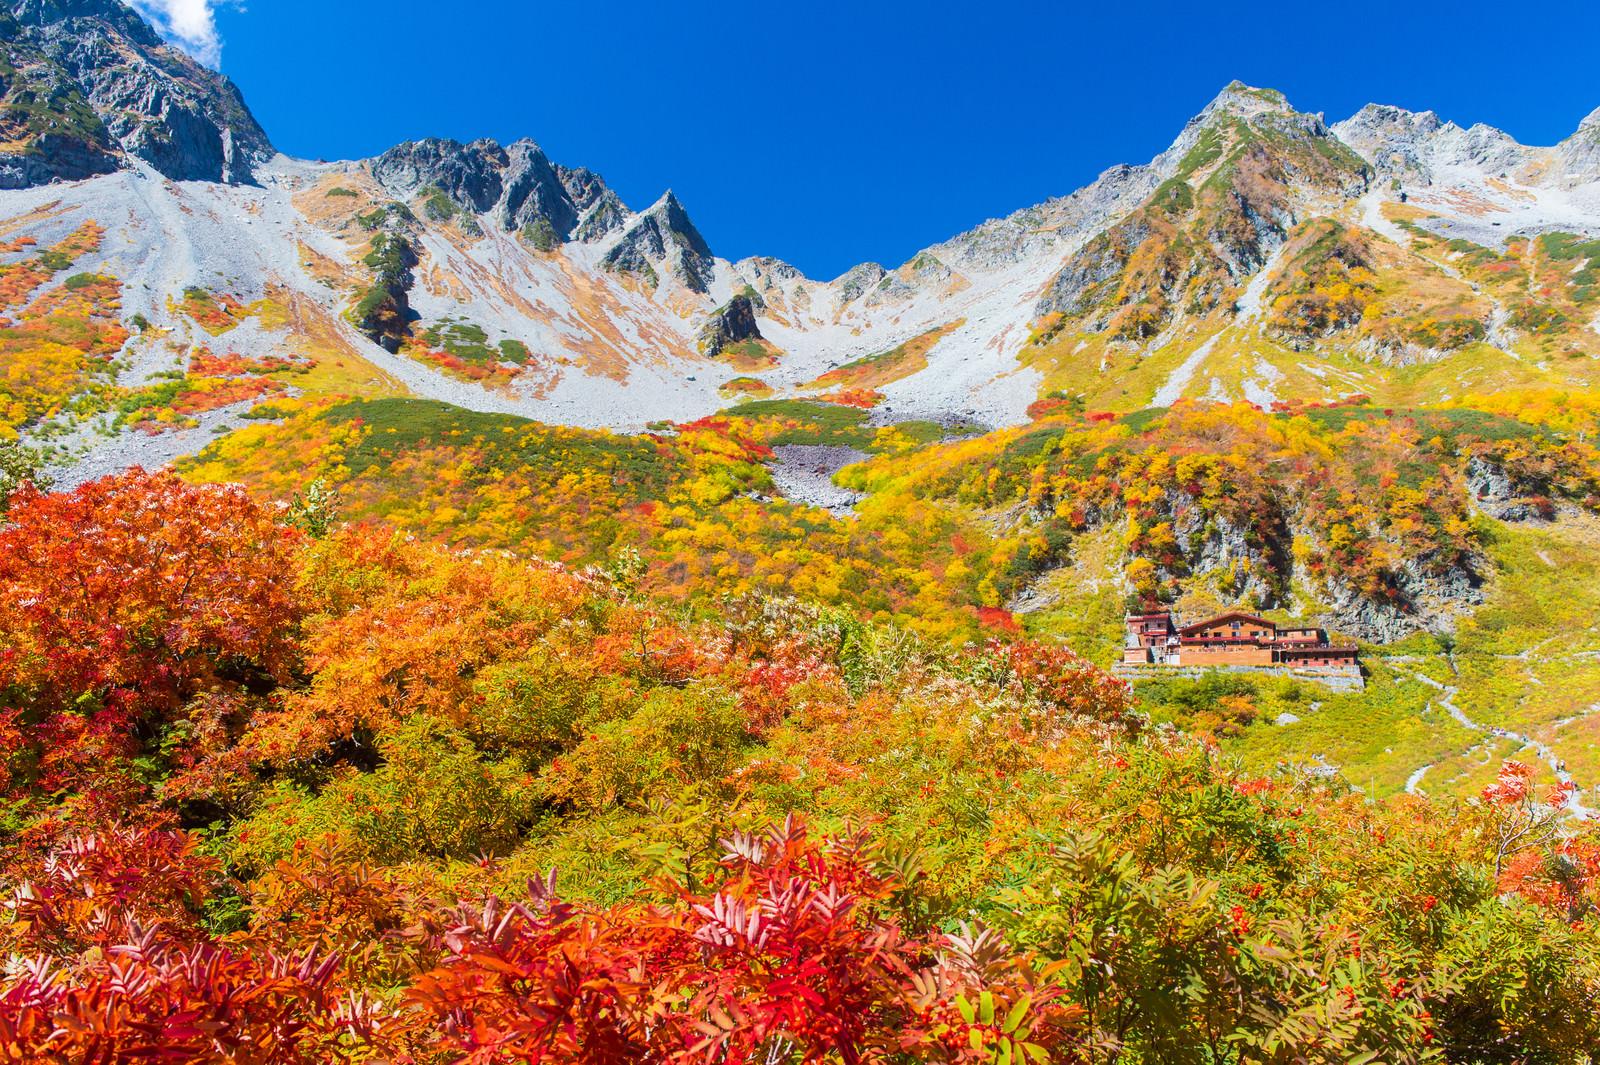 「日本一の紅葉と言われる北アルプス涸沢カールのピーク」の写真